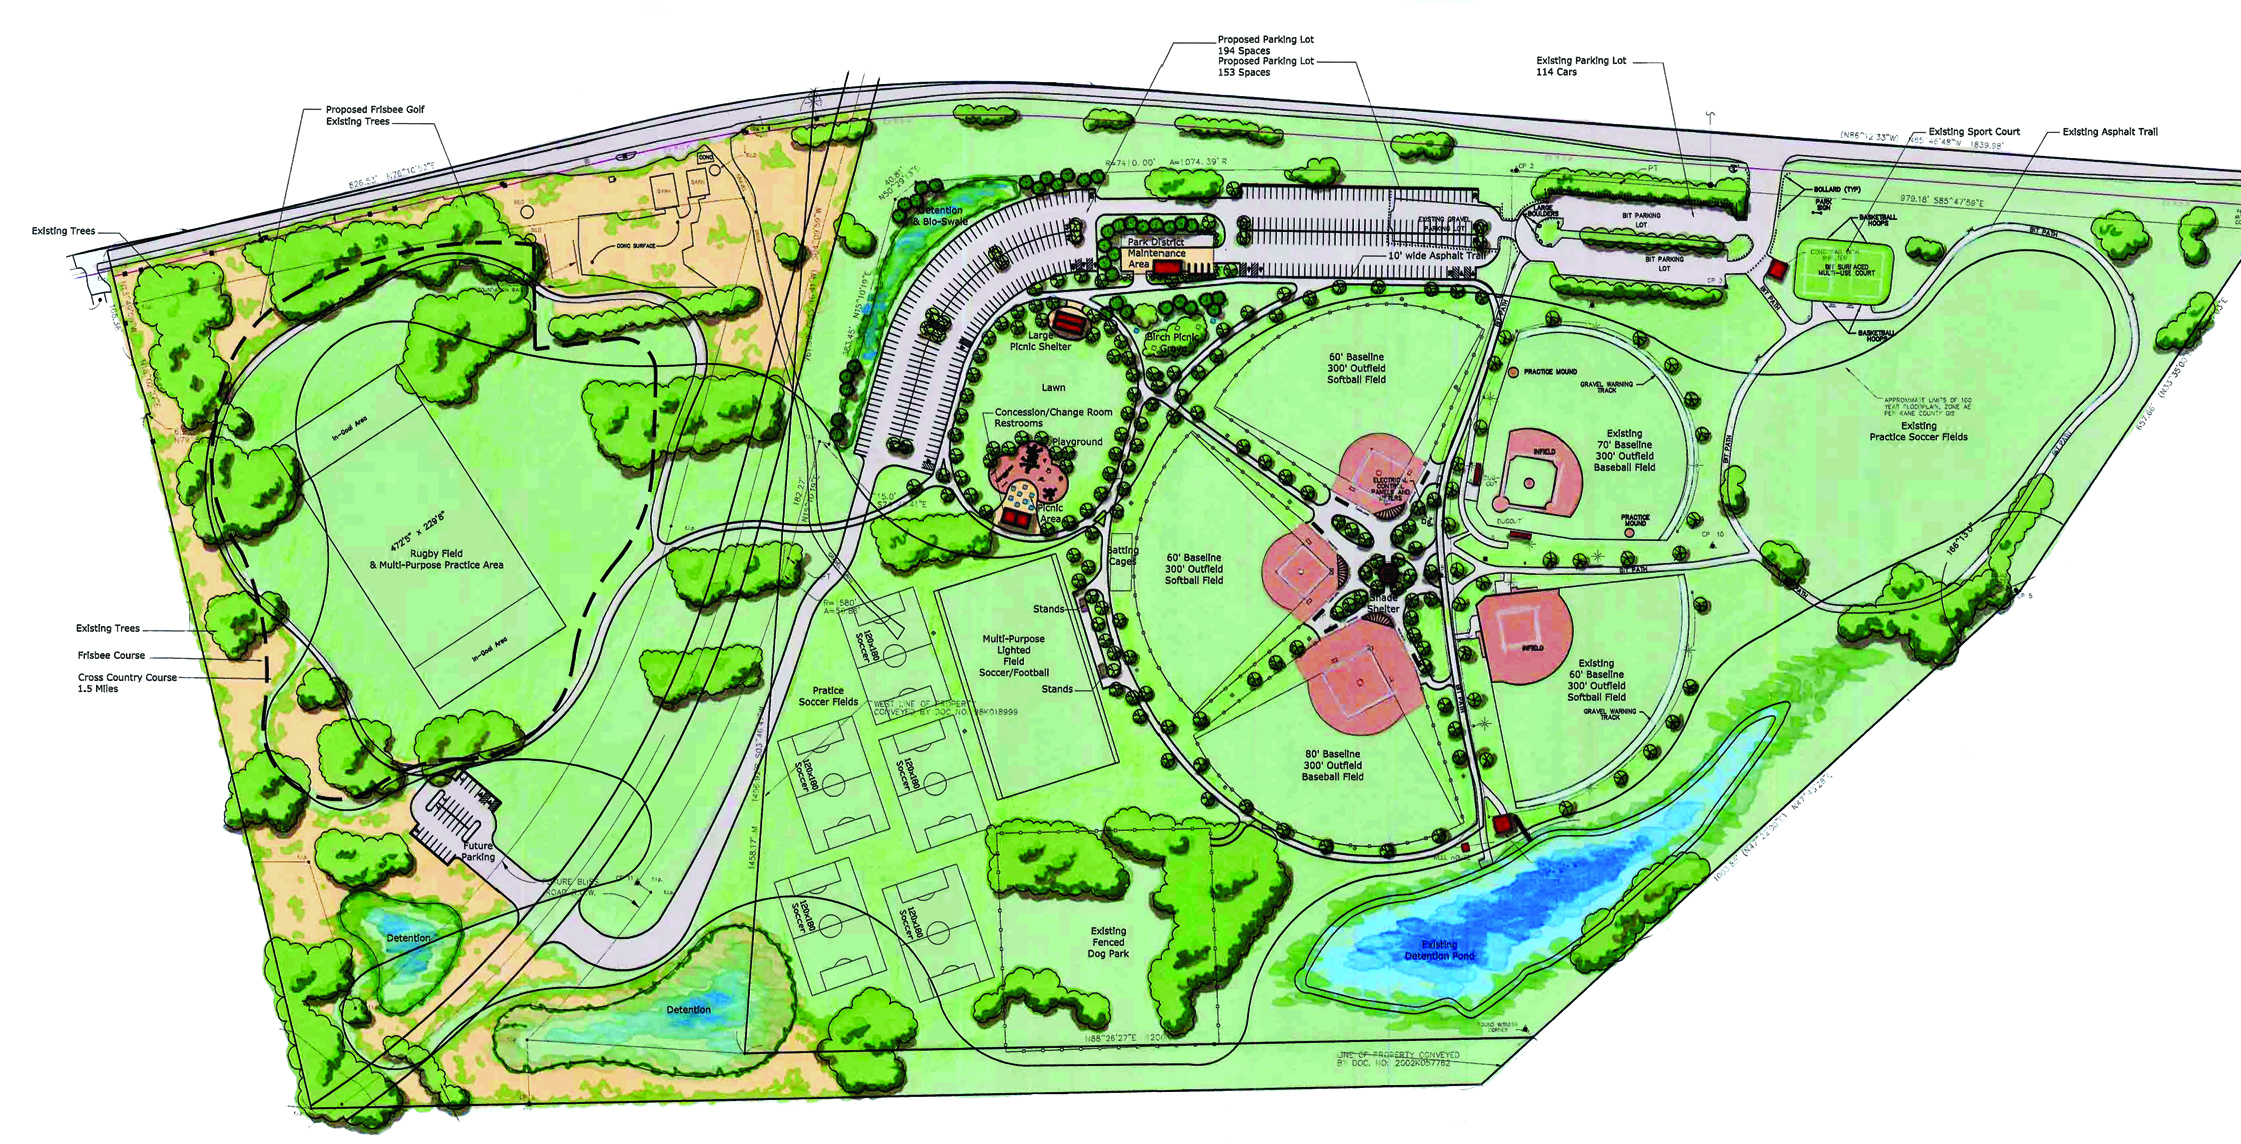 Sports Complex Plan R - West Main Park Master Plan - Upland Design